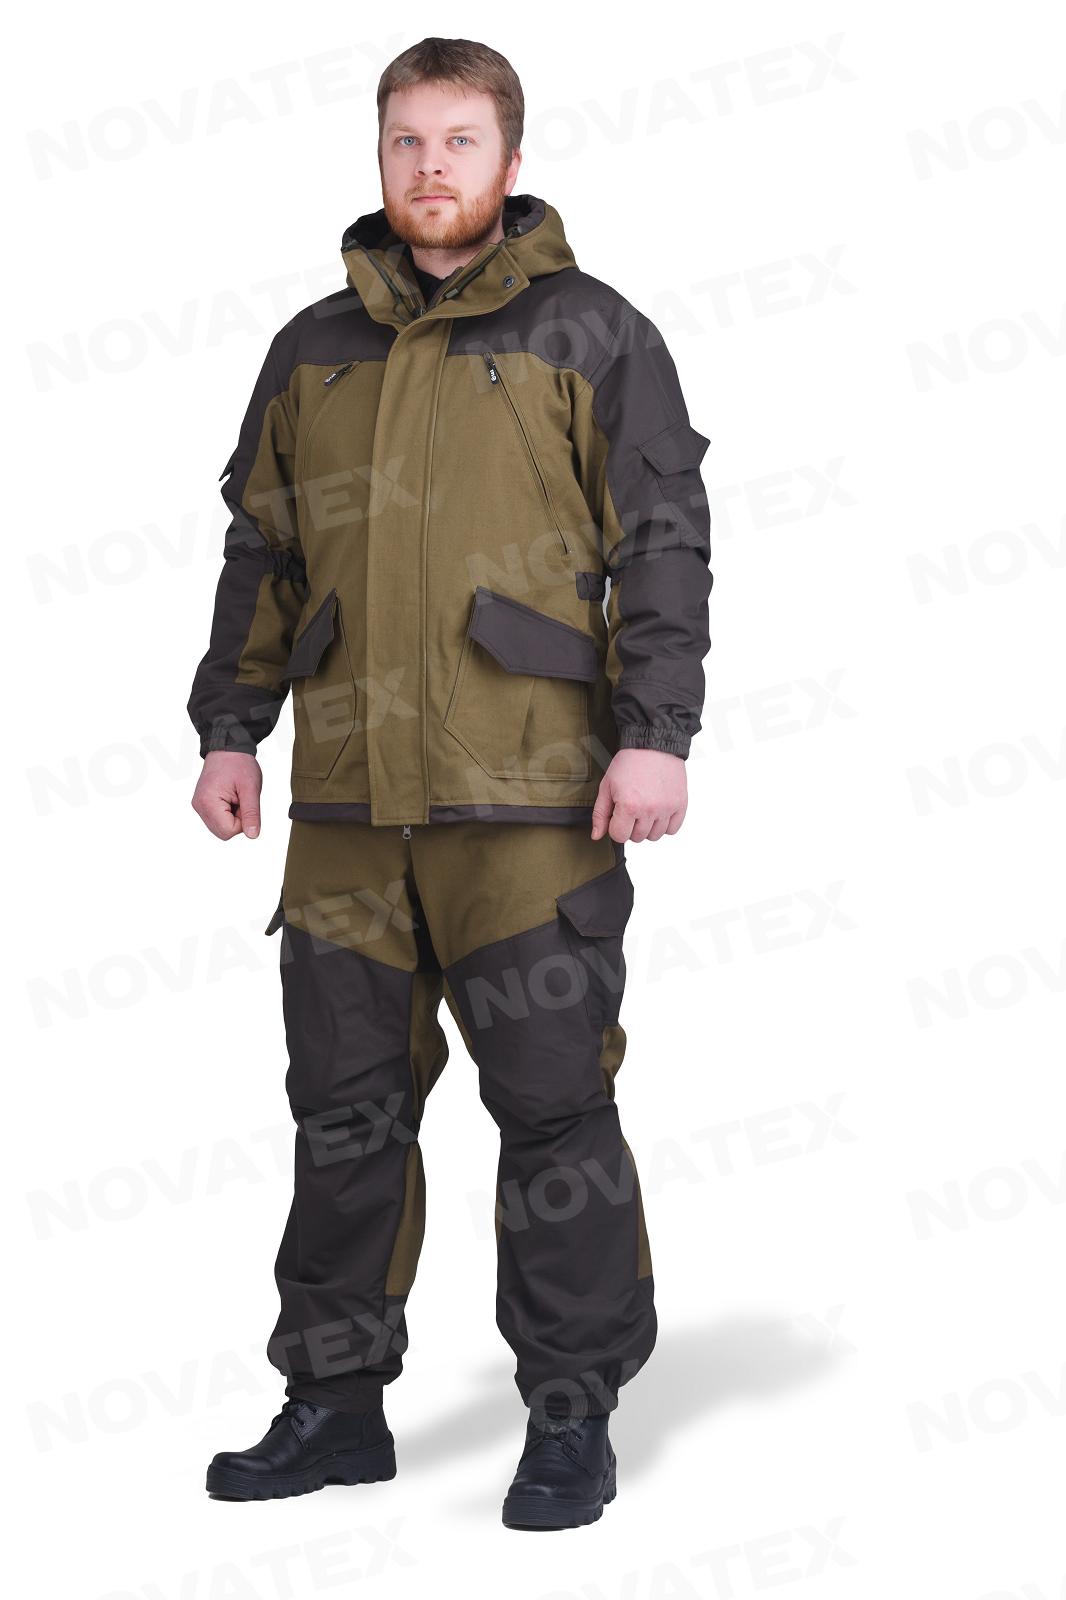 Костюм «Горка Осень 2017» (палатка, флис) Костюмы утепленные<br>Костюм «Горка Осень» ( ТМ «Payer») разработан <br>в компании Novatex на основе легендарного костюма <br>«Горка», используемого в спецподразделениях. <br>Костюм «Горка Осень» состоит из куртки <br>и брюк на подтяжках. Отличается специальным <br>анатомическим кроем, характерным для данной <br>линии одежды. Он не стесняет движений, дает <br>свободу перемещения в условиях пересеченной <br>местности. Верхний слой изготовлен из проверенной <br>временем ткани палатка. Эта ткань (100% хлопка) <br>прекрасно защищает от ветра, почти мгновенно <br>сохнет, пропускает воздух (позволяя телу <br>«дышать»), подкладка из мягкого гипоаллергенного <br>флиса обеспечивает комфорт и тепло. Места <br>повышенного износа имеют дополнительное <br>усиление, мембранной тканью «Кошачий глаз», <br>которая не пропускает влагу снаружи, отводит <br>ее изнутри и обладает повышенной износостойкостью. <br>Рекомендован для военных, охотников, рыбаков, <br>туристов, любителей военно-спортивных игр, <br>представителей силовых структур.<br><br>Пол: мужской<br>Размер: 56-58<br>Рост: 182-188<br>Сезон: демисезонный<br>Цвет: зеленый